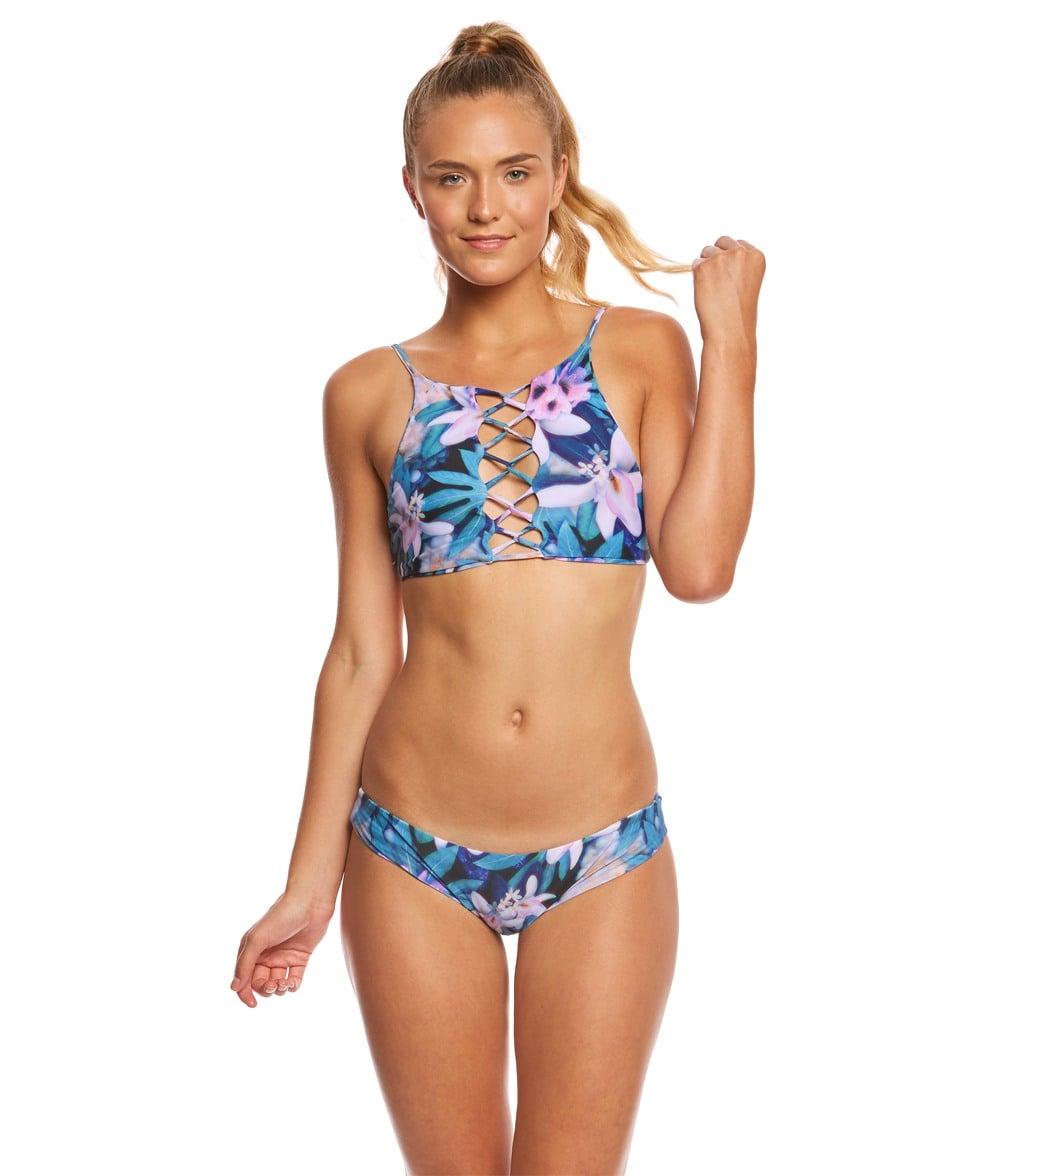 1b52f1ce0afa0 Stone Fox Swim Wonderland Jessie Bikini Bottom at SwimOutlet.com ...